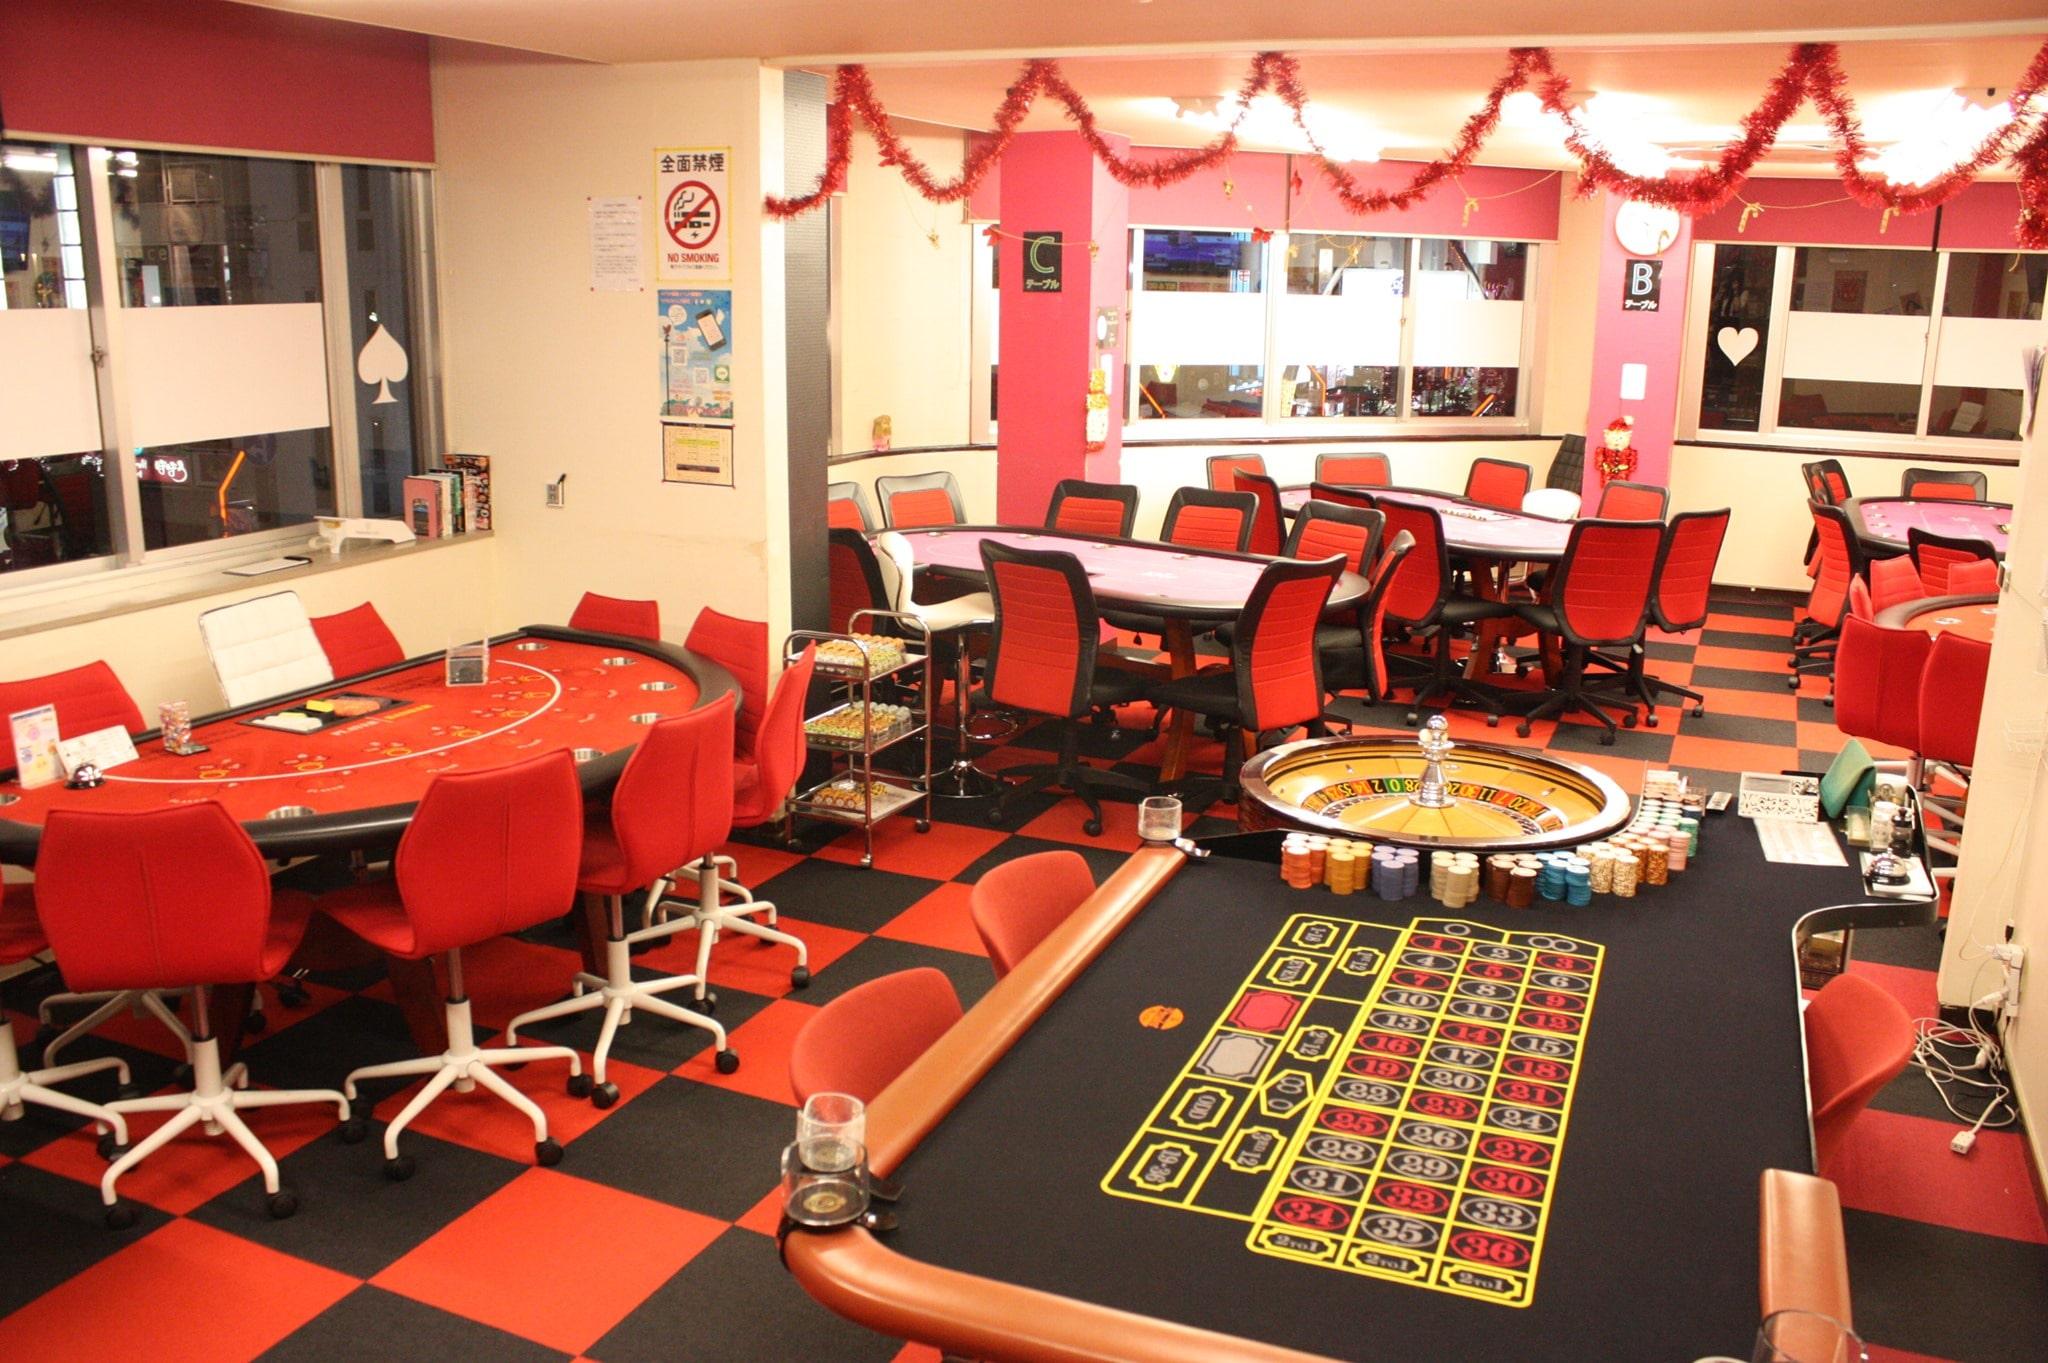 アミューズメント メイドカジノ Ritz (リッツ)の写真